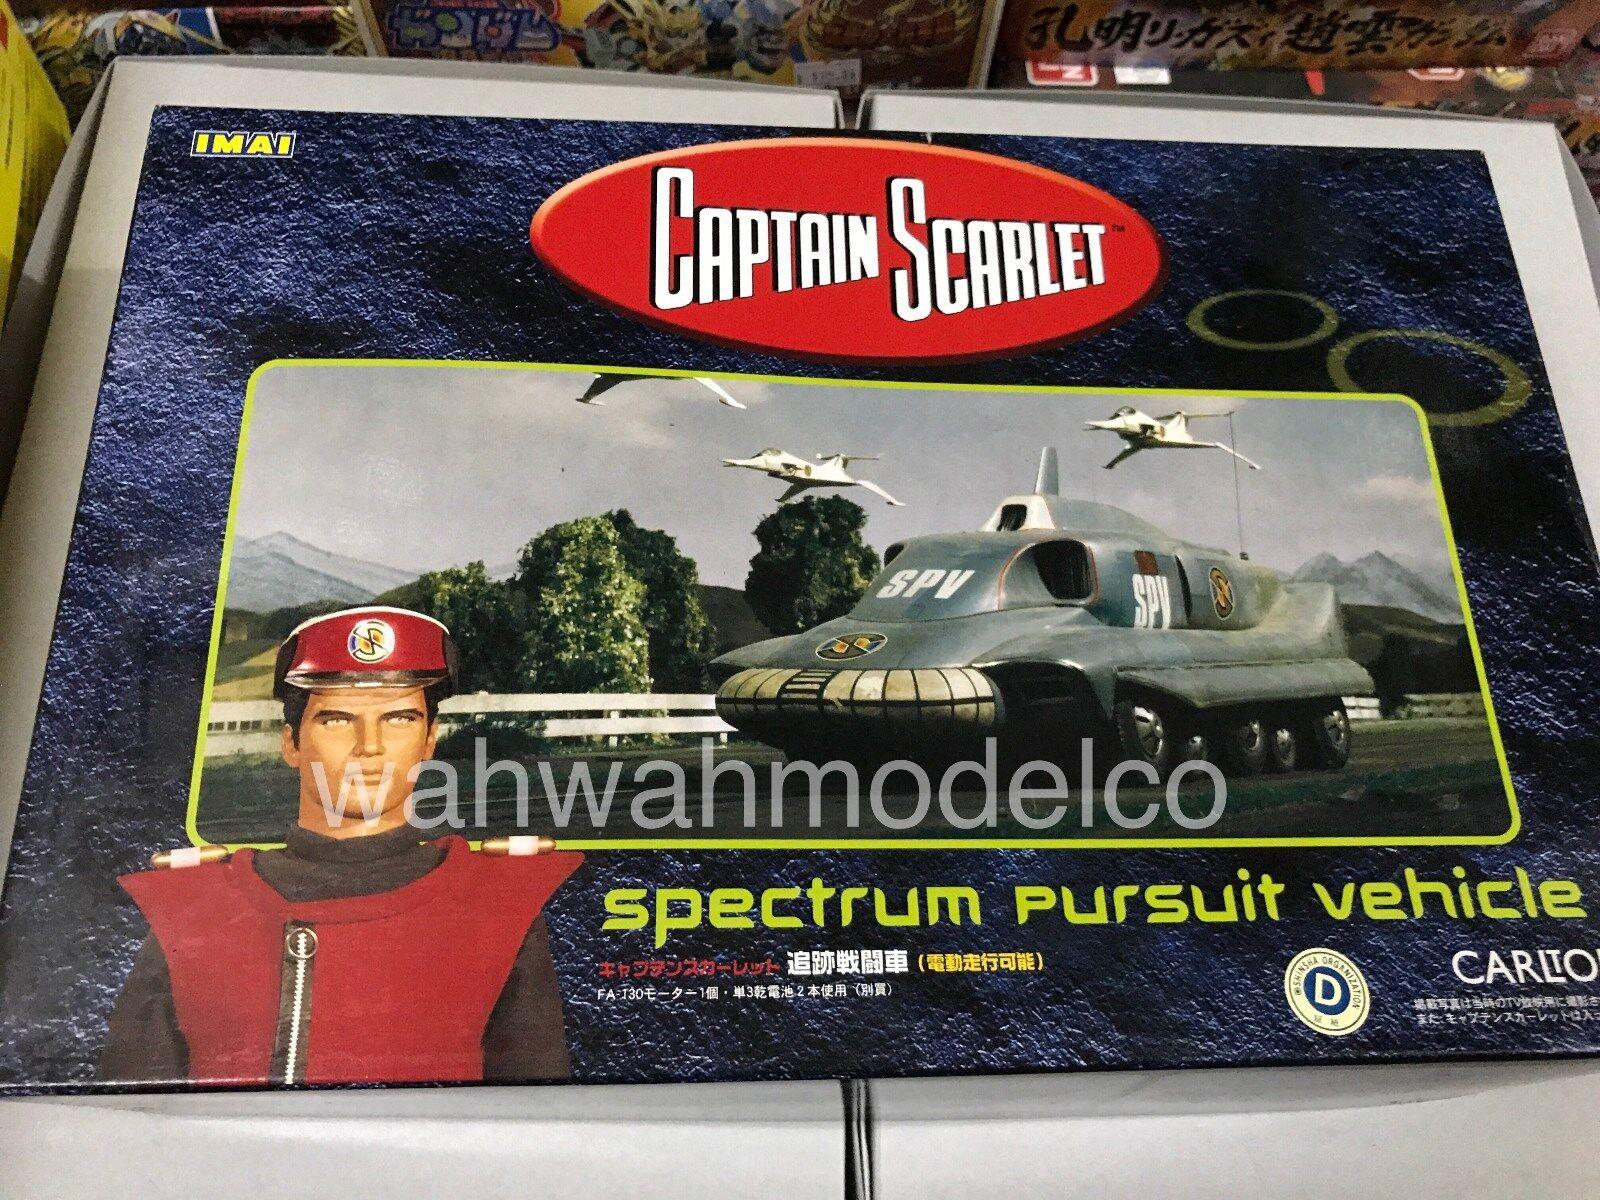 IMAI Captain Scarlet - Spectrum Pursuit Vehicle Model Kit 832096